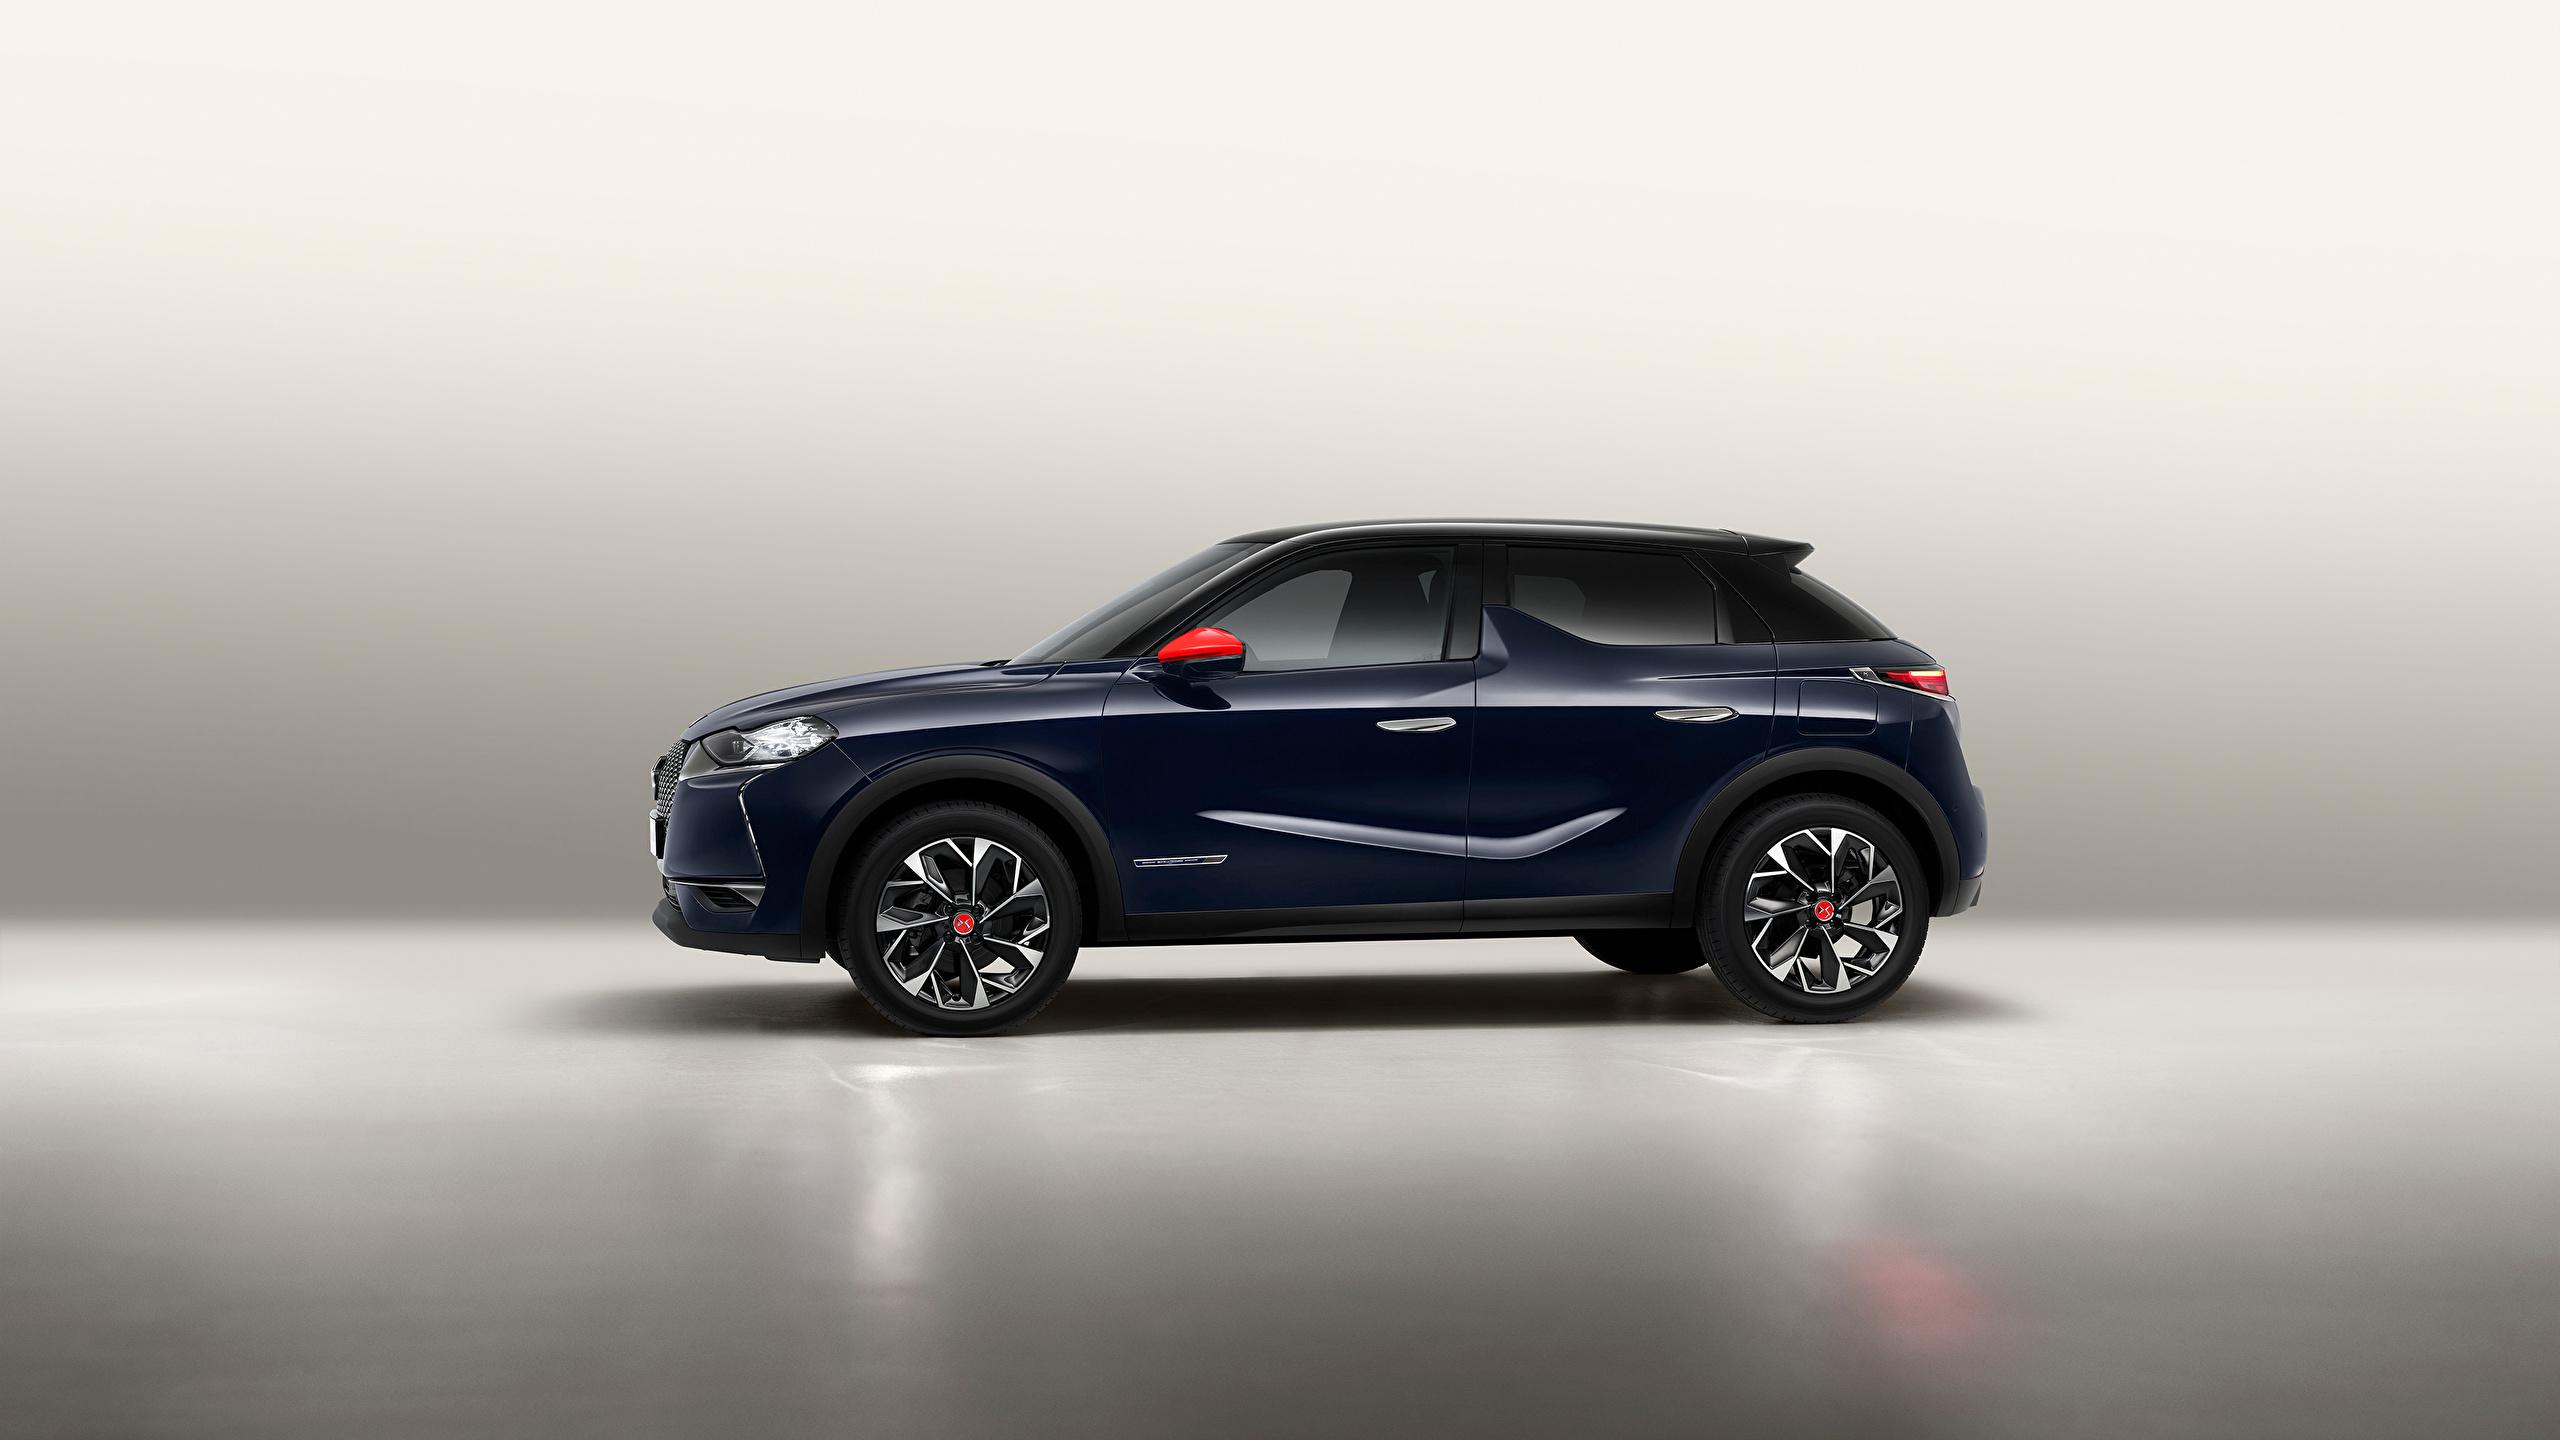 Картинка Французский Кроссовер DS 3 Crossback, 2020 Синий авто Сбоку Металлик 2560x1440 французские французская CUV синяя синие синих машина машины Автомобили автомобиль